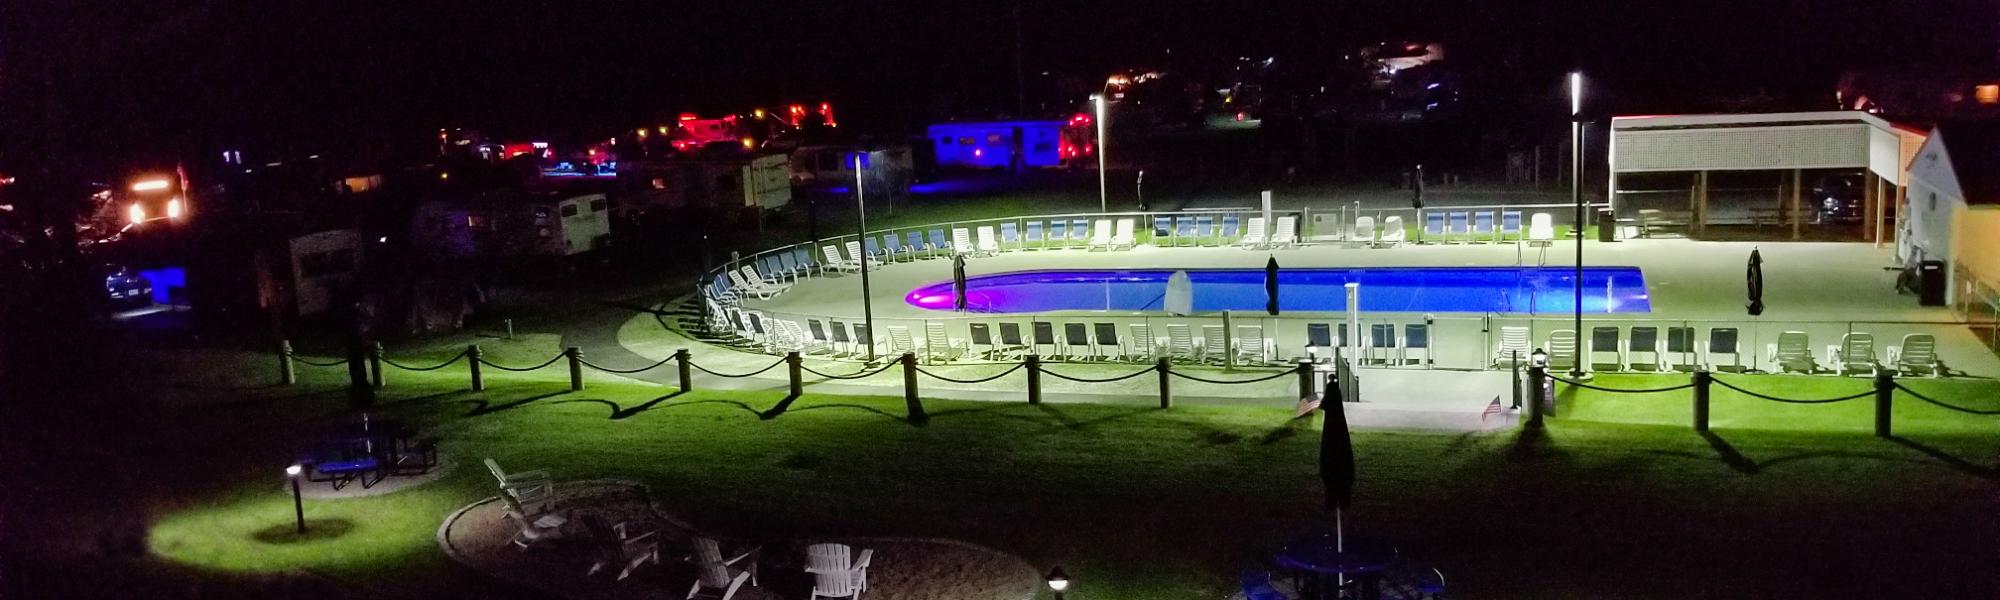 Back_Pool_Night